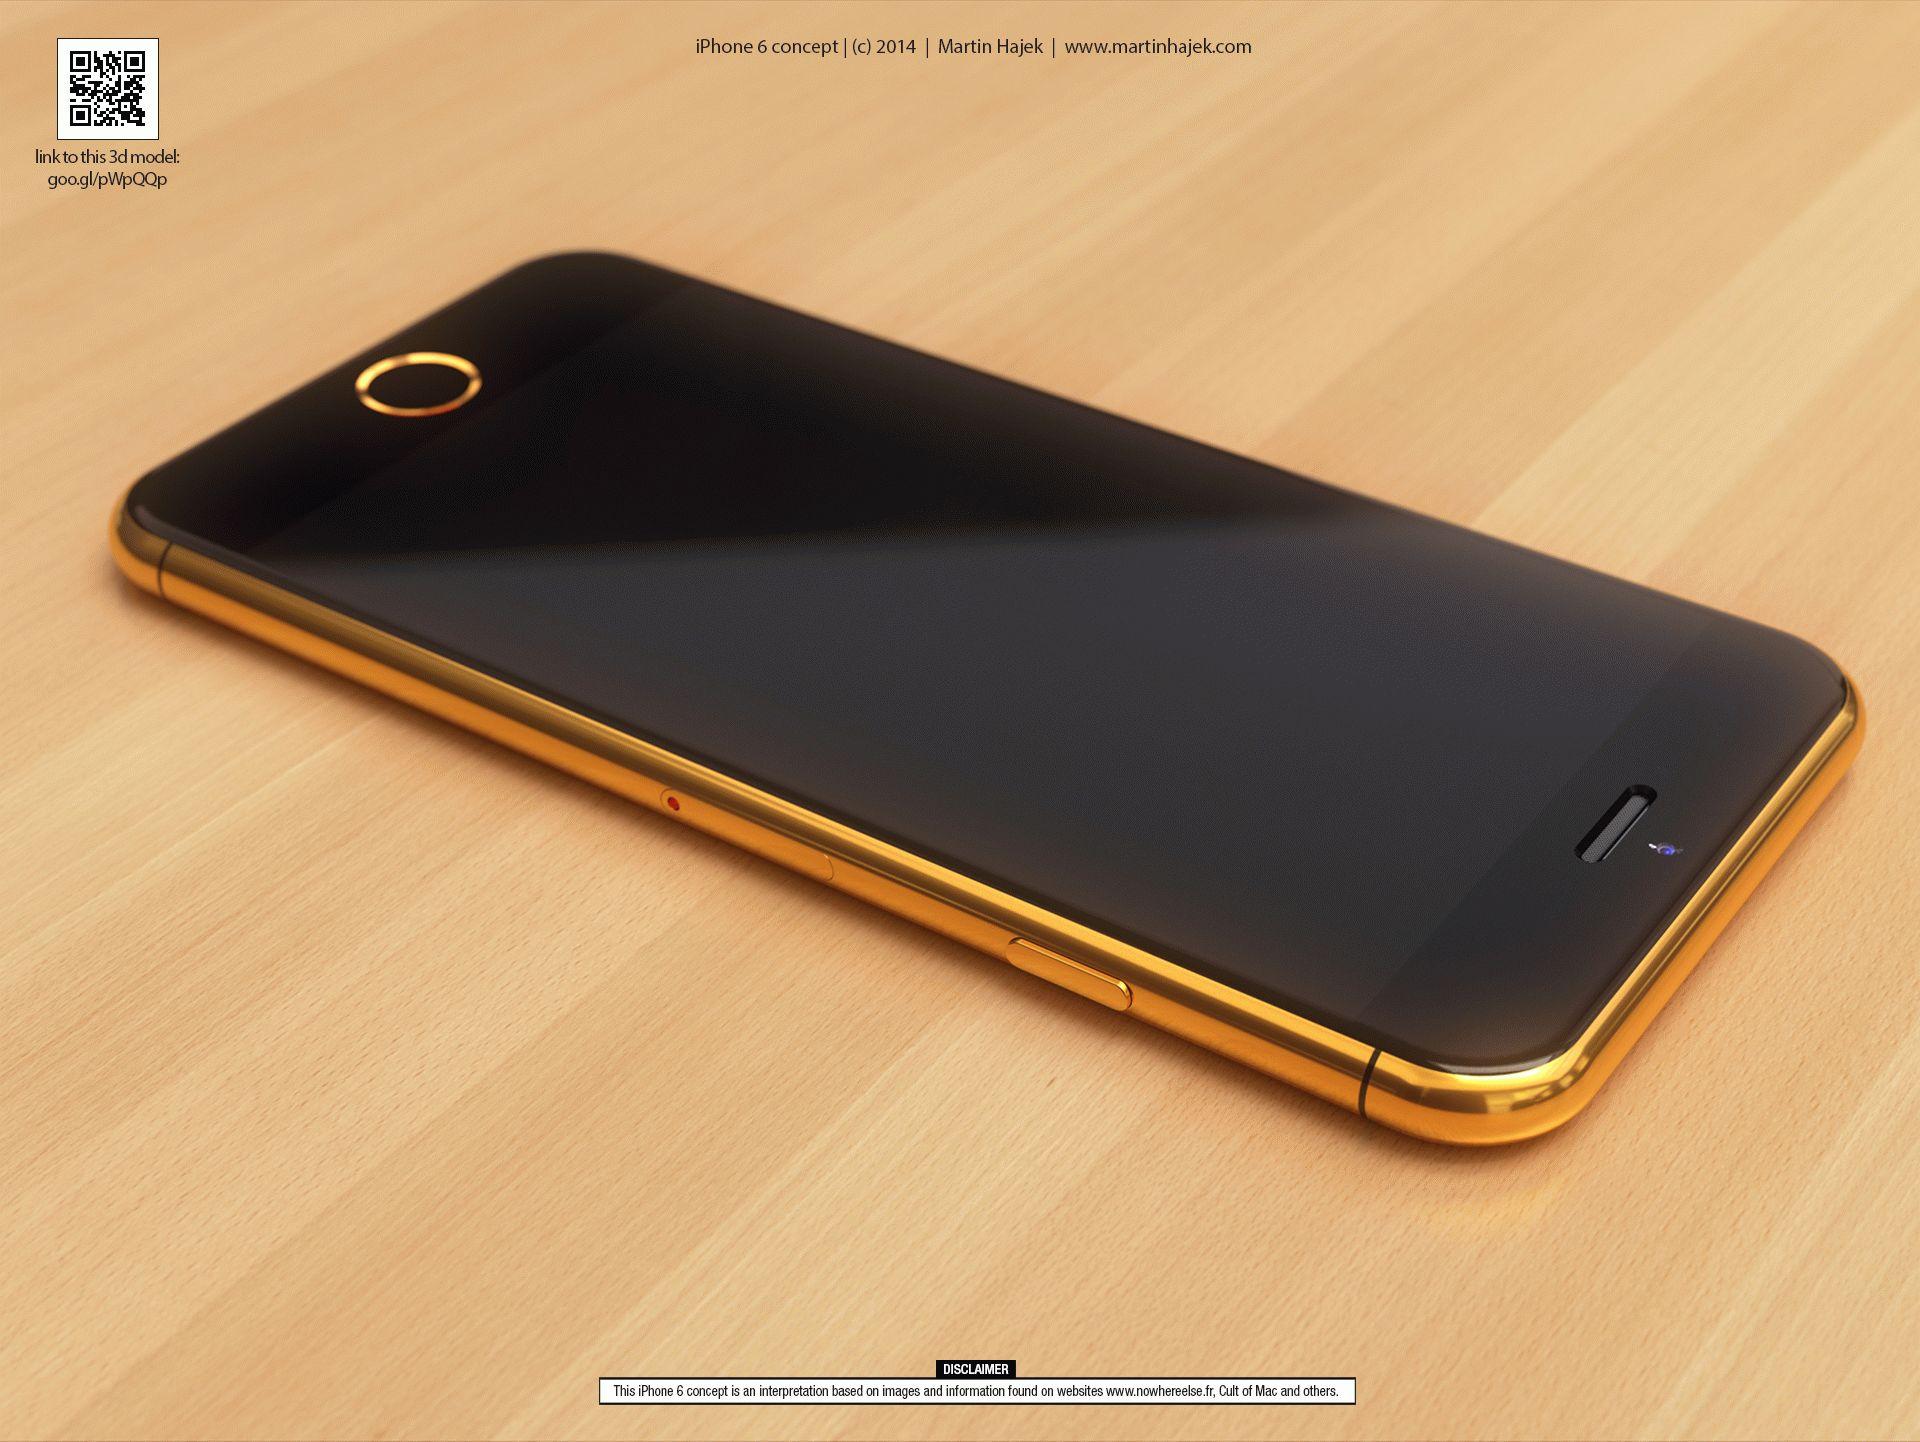 dizayner-predstavil-zolotuyu-versiyu-iphone-6-inkrustirovannuyu-dragotsennyimi-kamnyami--